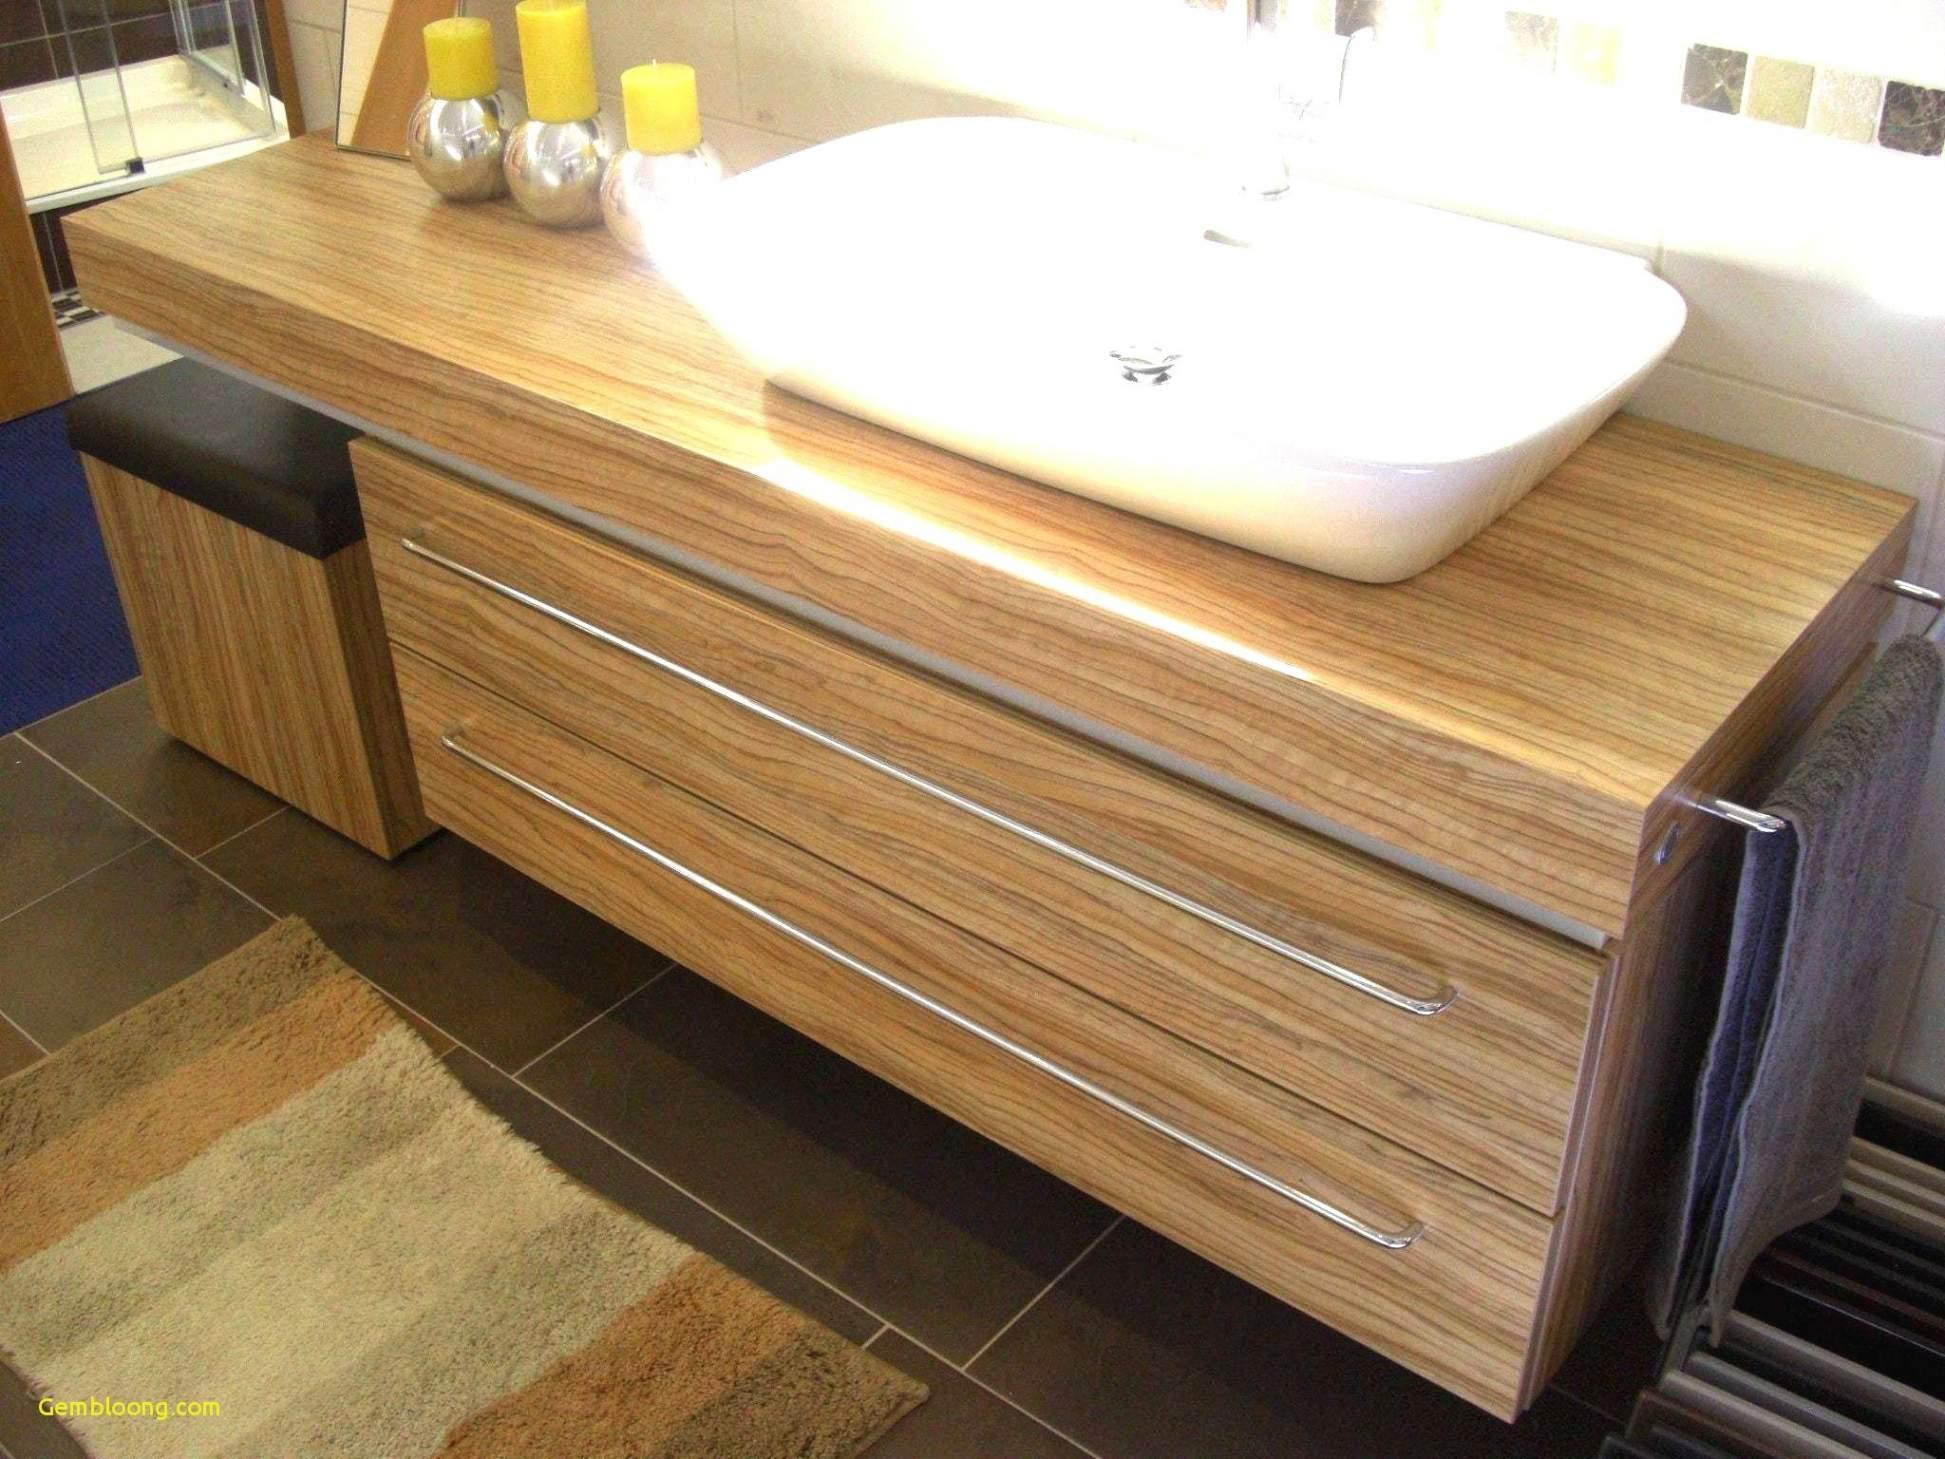 39 design fur garten waschbecken stein ideen fur terrassengestaltung toilette mit waschbecken toilette mit waschbecken